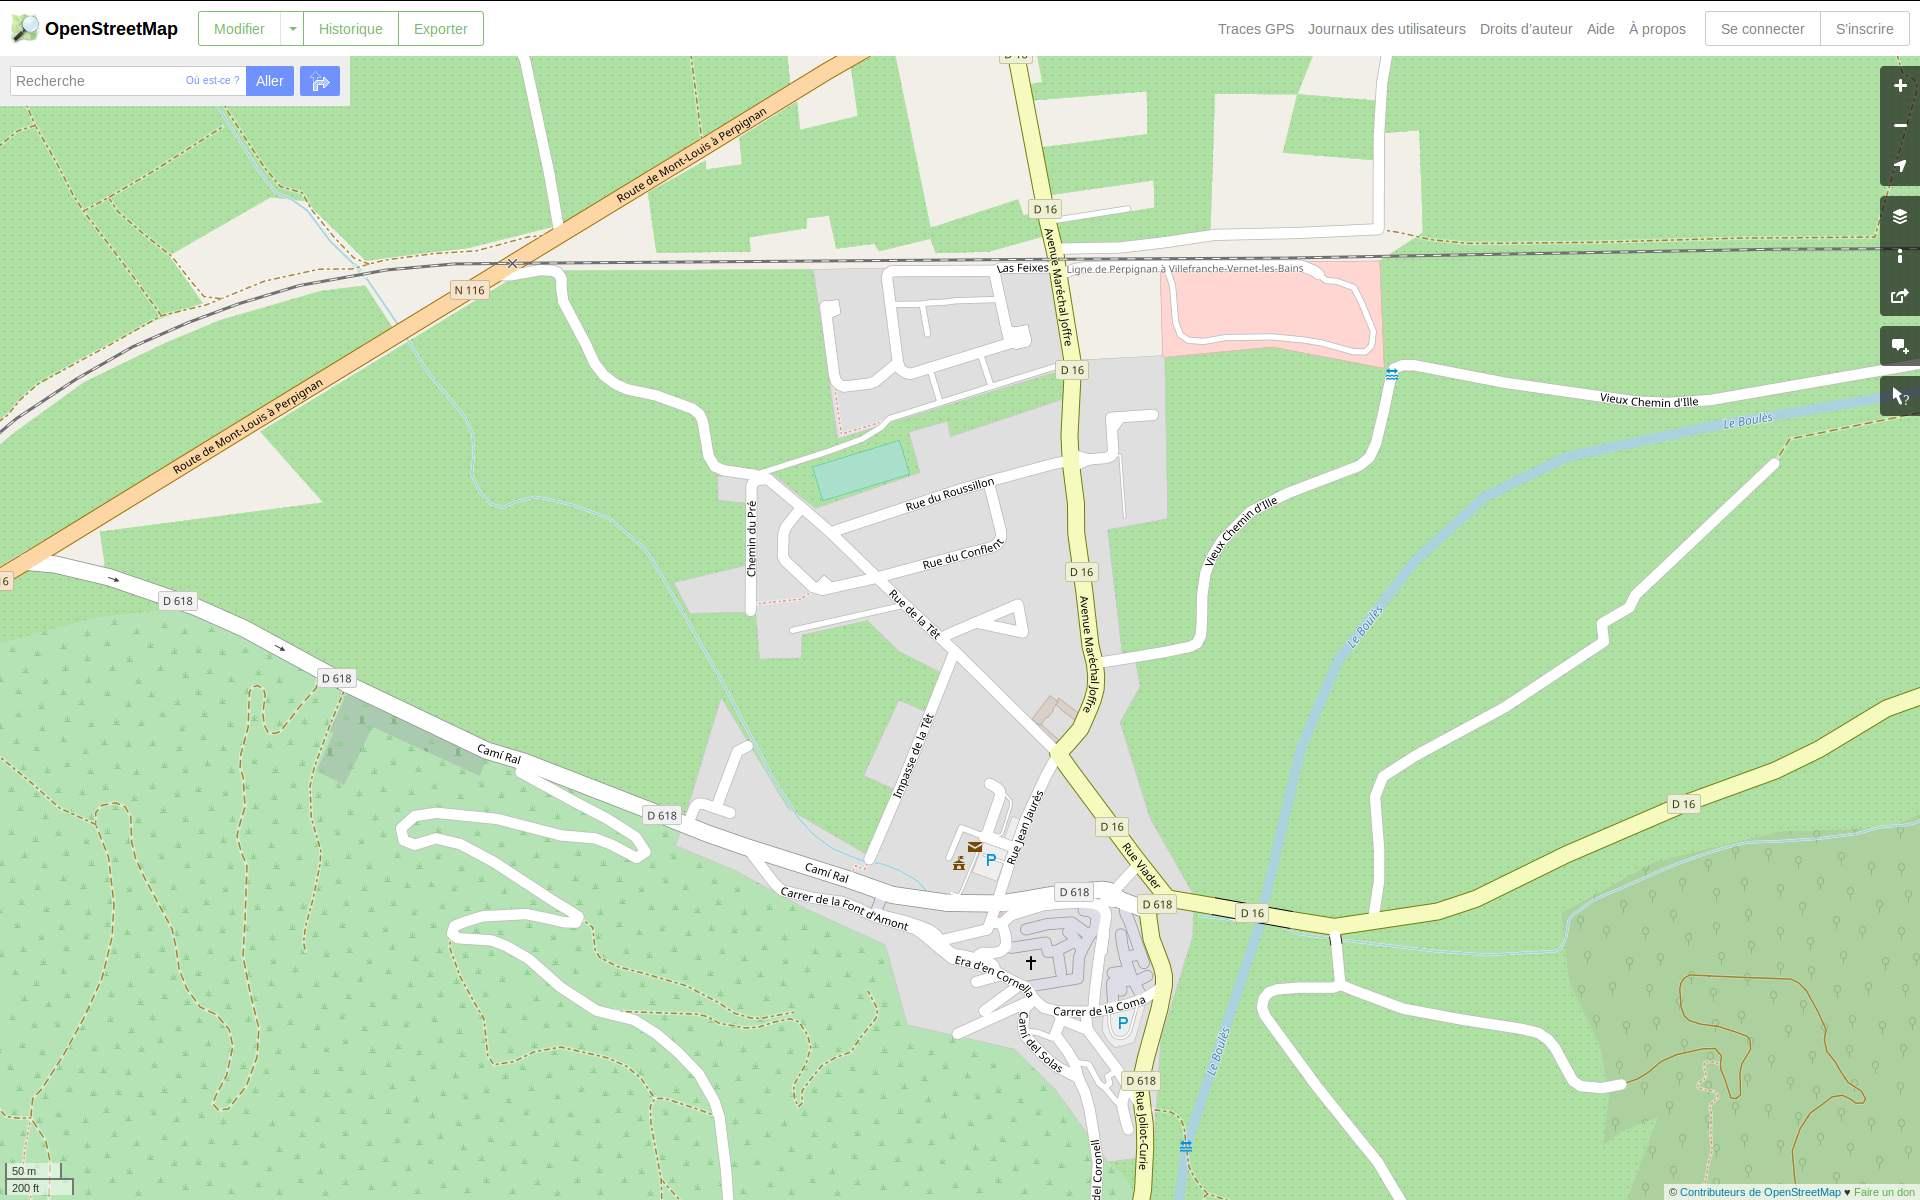 diagnostic immobilier Bouleternère 66130 DPE vente Bouleternère